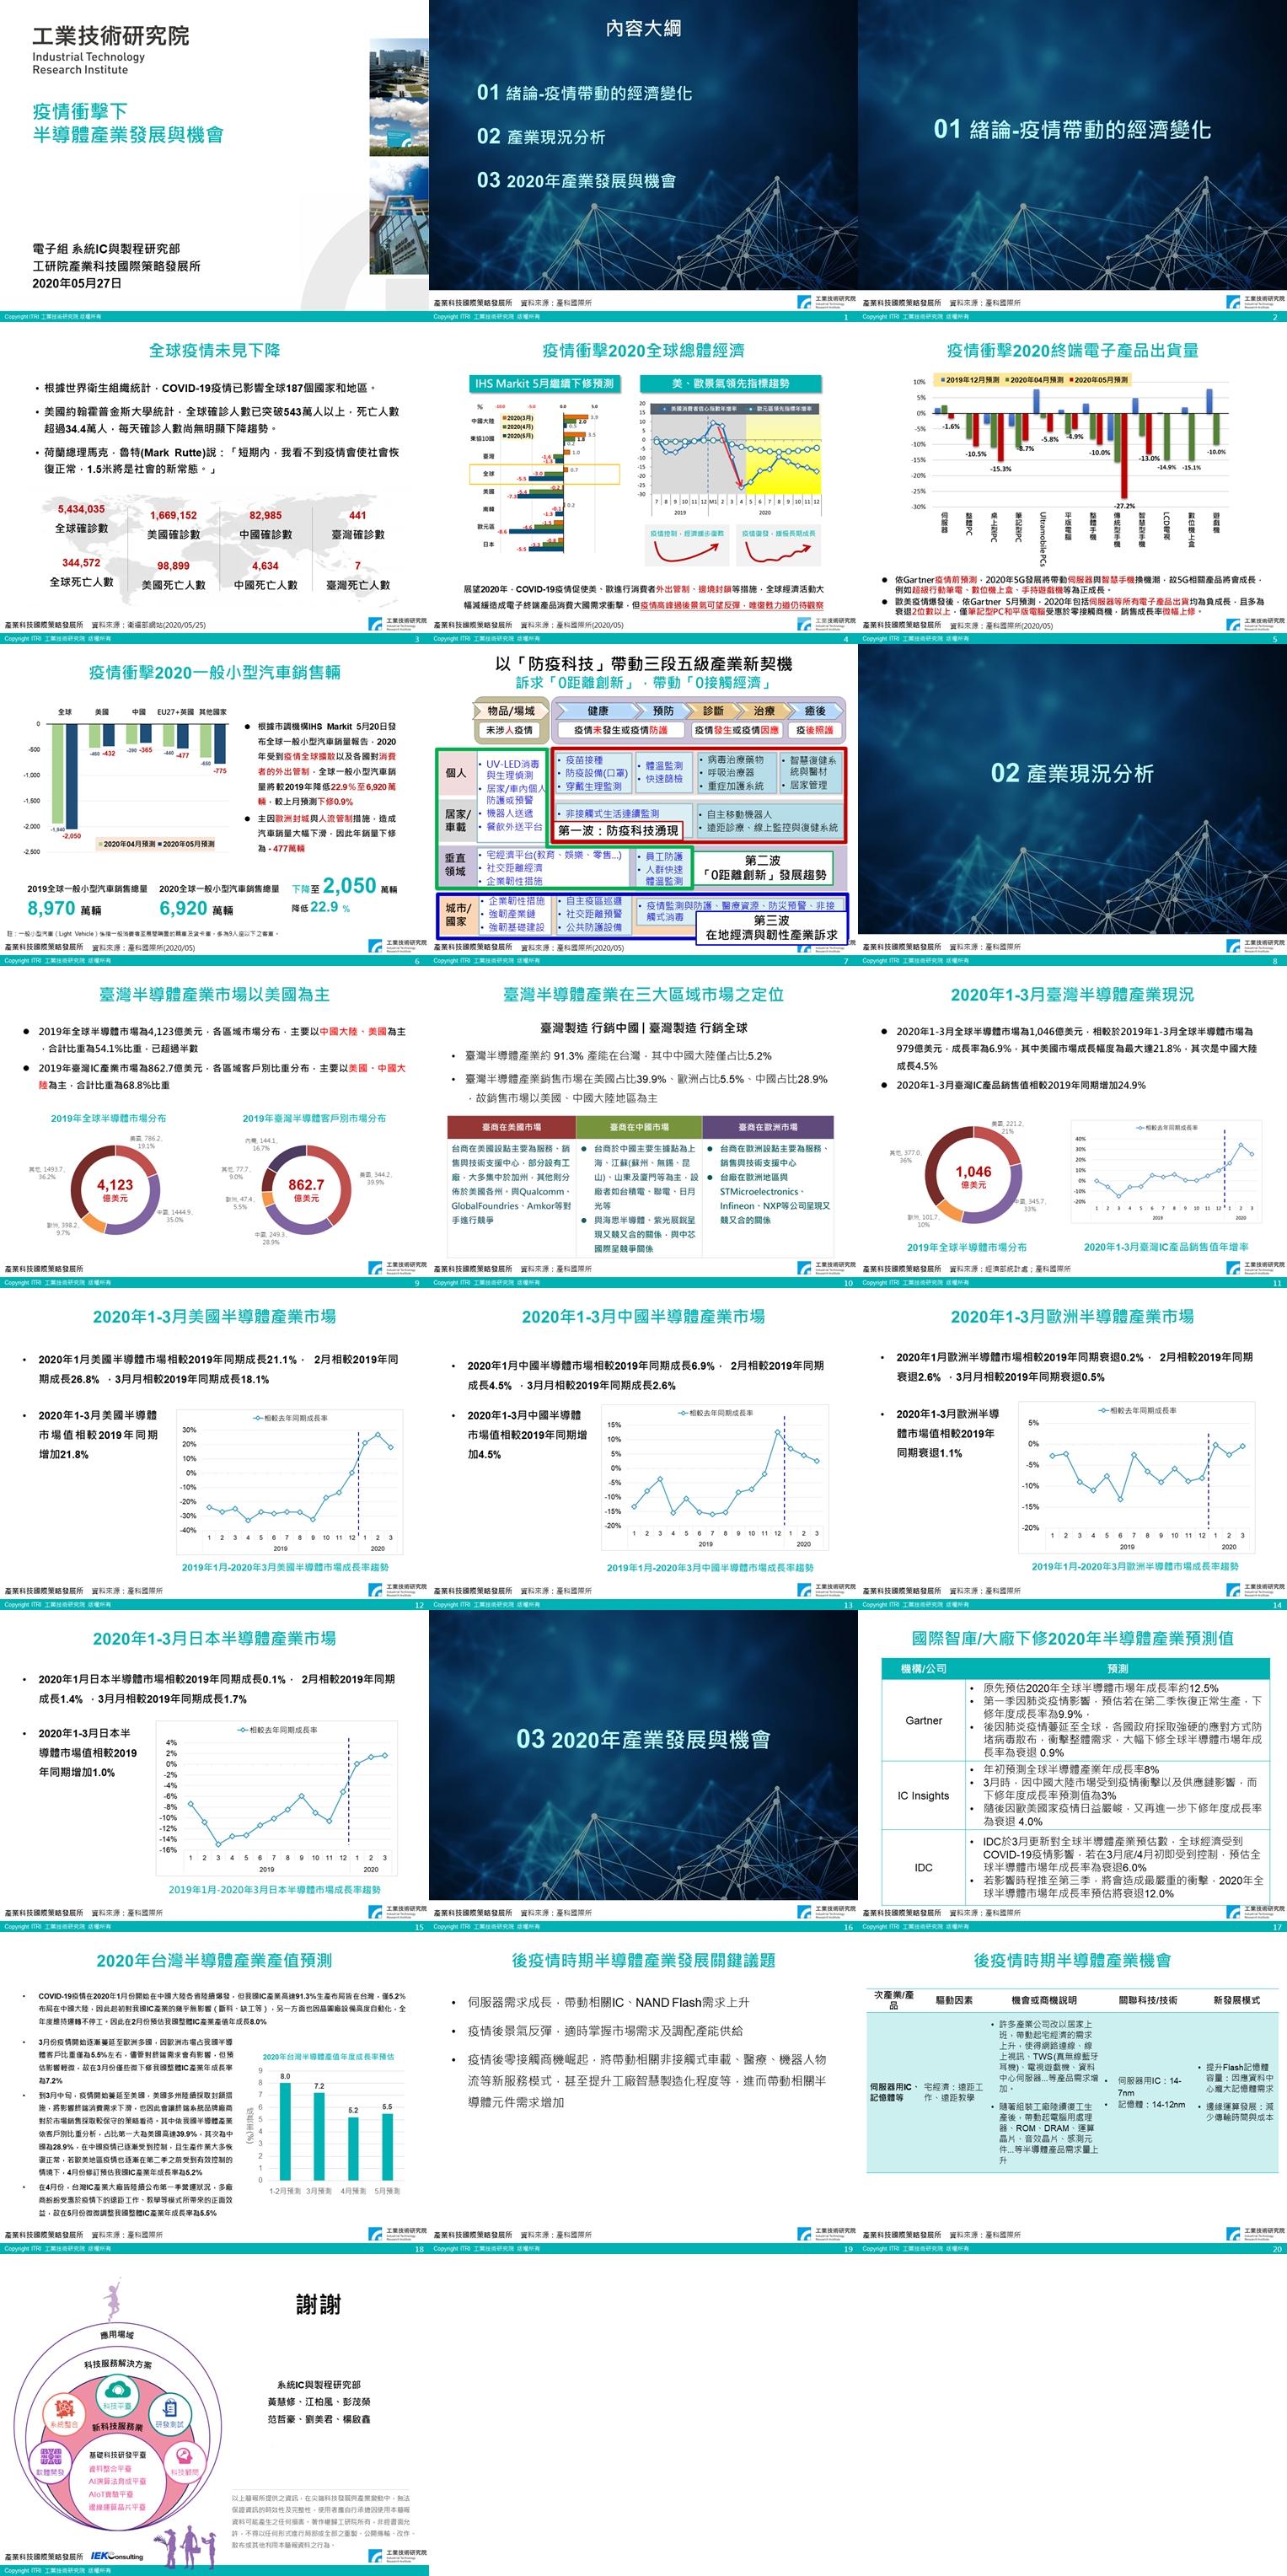 COVID-19疫情對臺灣產業的影響